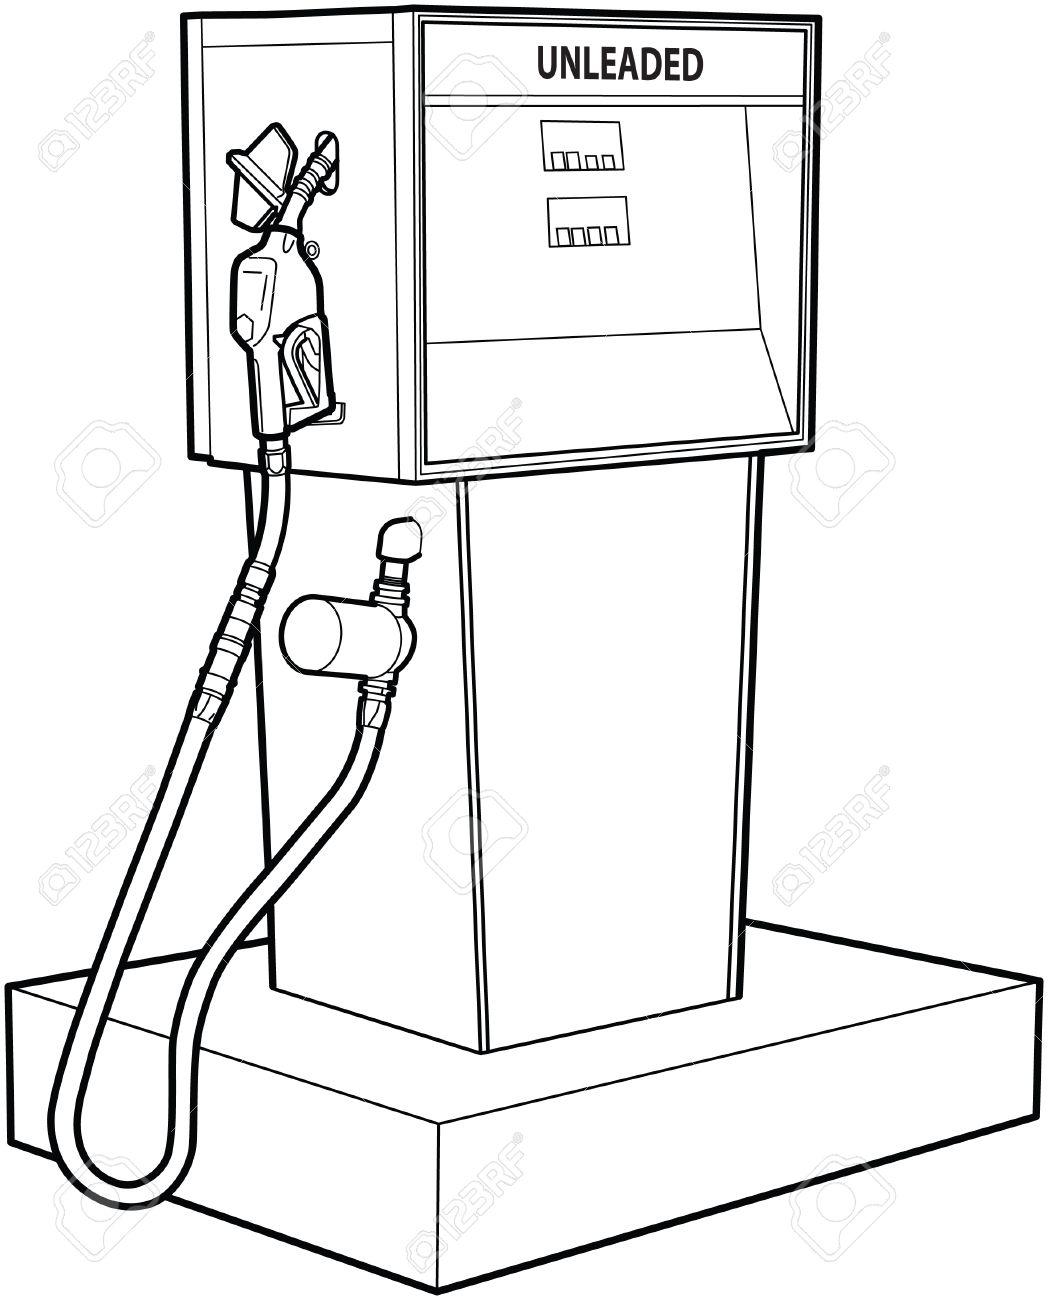 Gas Pump Drawing At Getdrawings